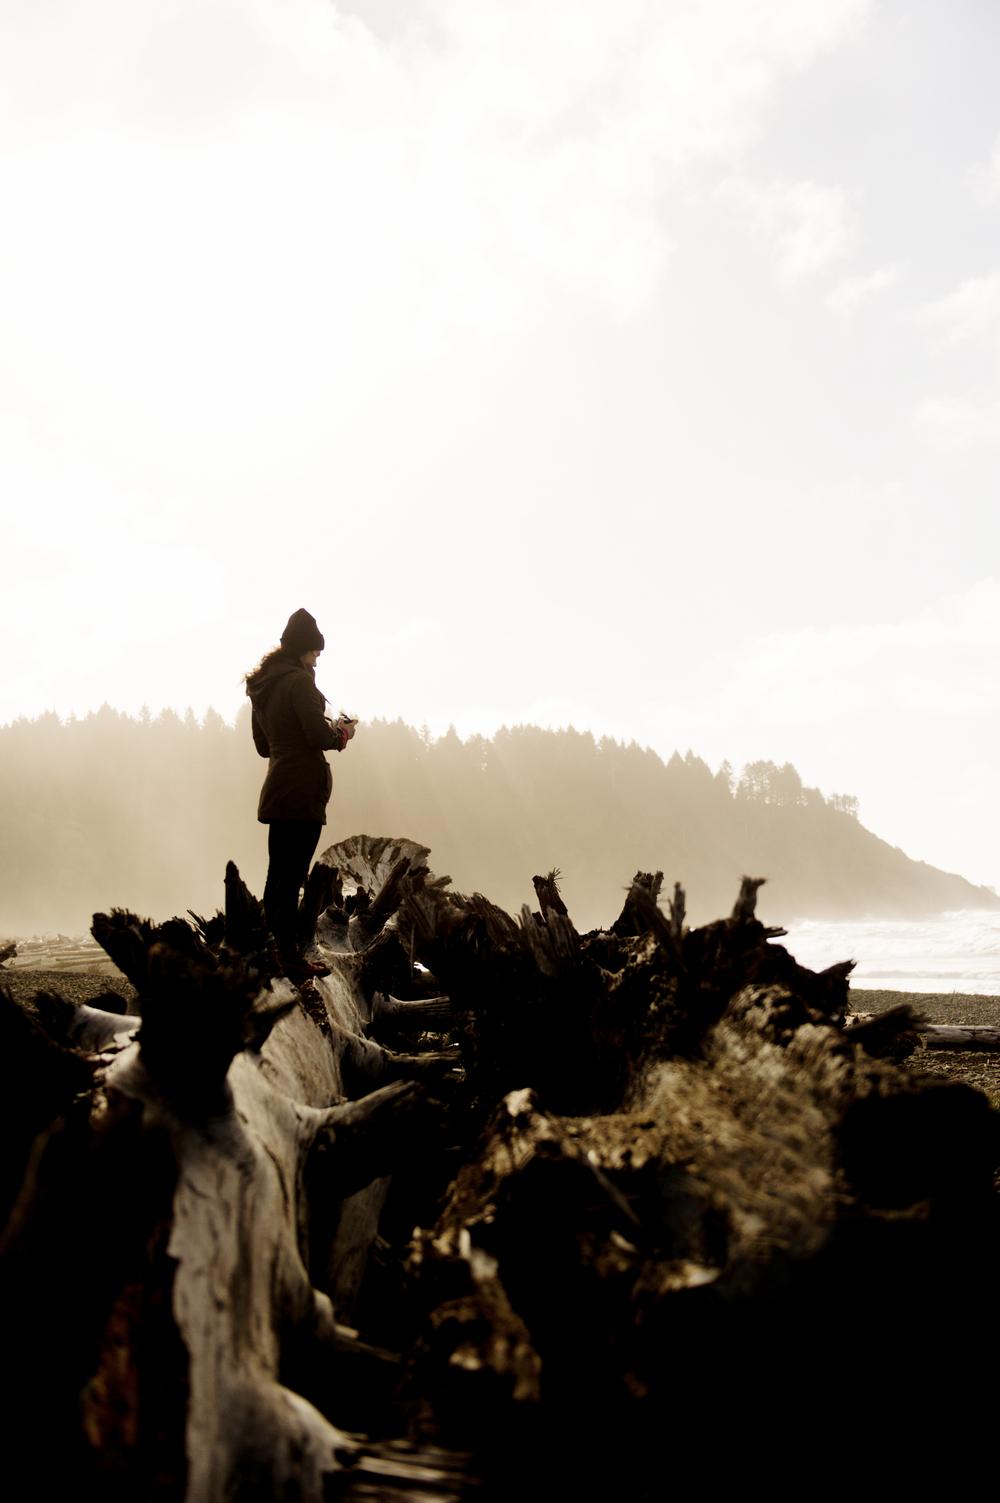 La Push Beach, Washington, USA